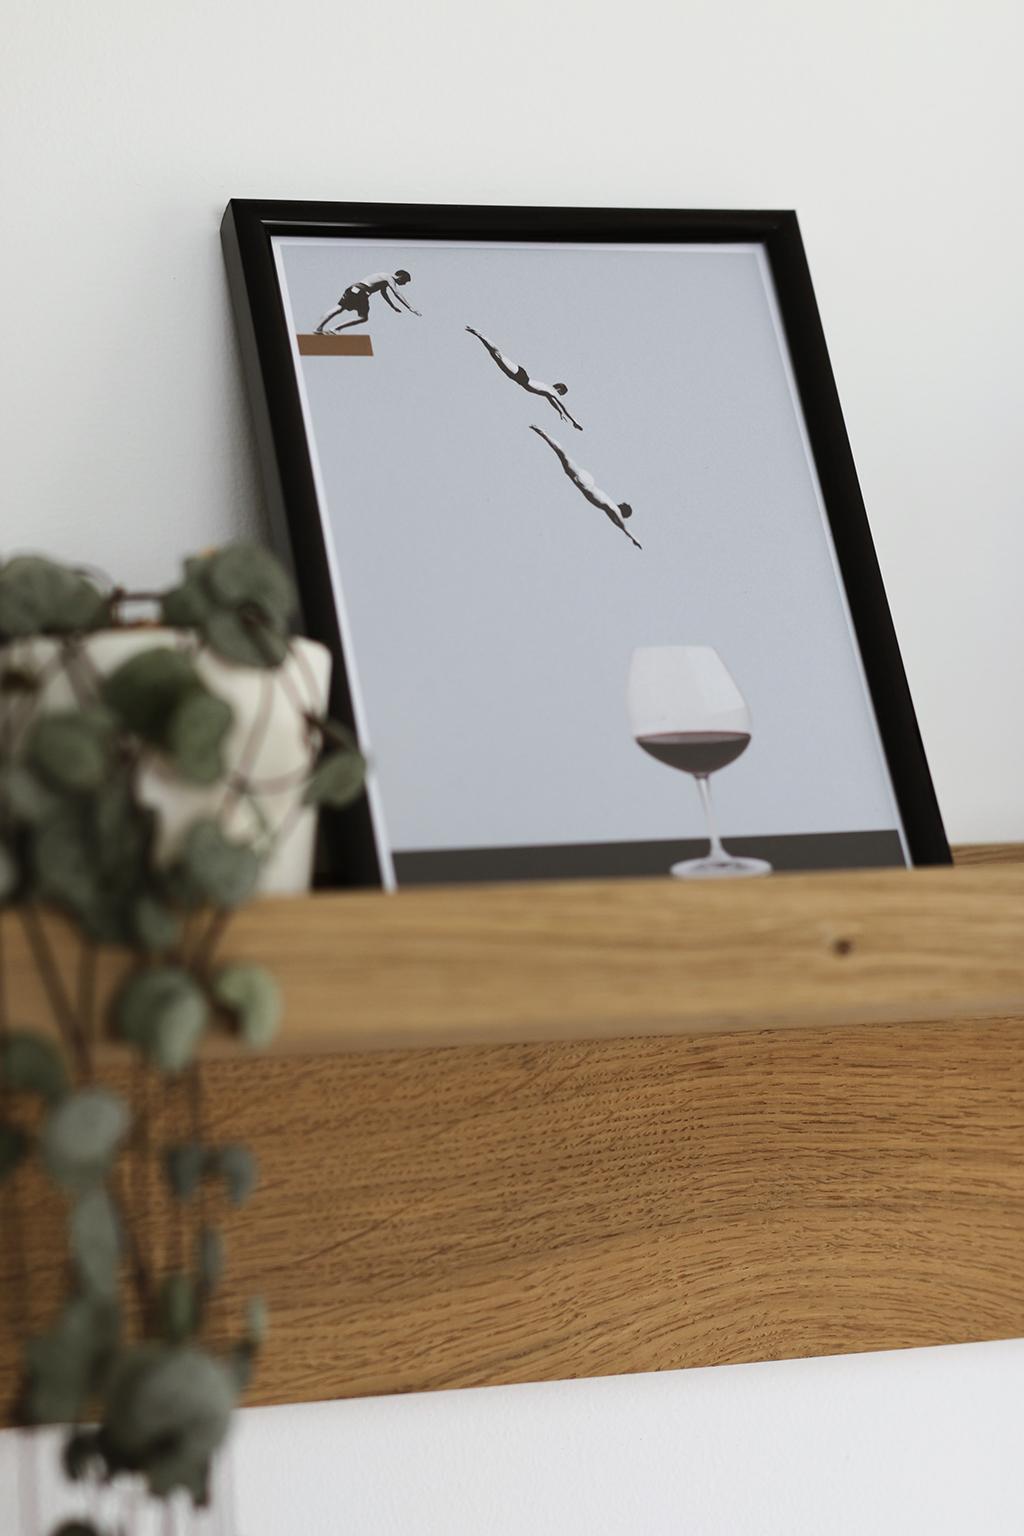 affiche plongeurs qui sautent dans un verre de vin